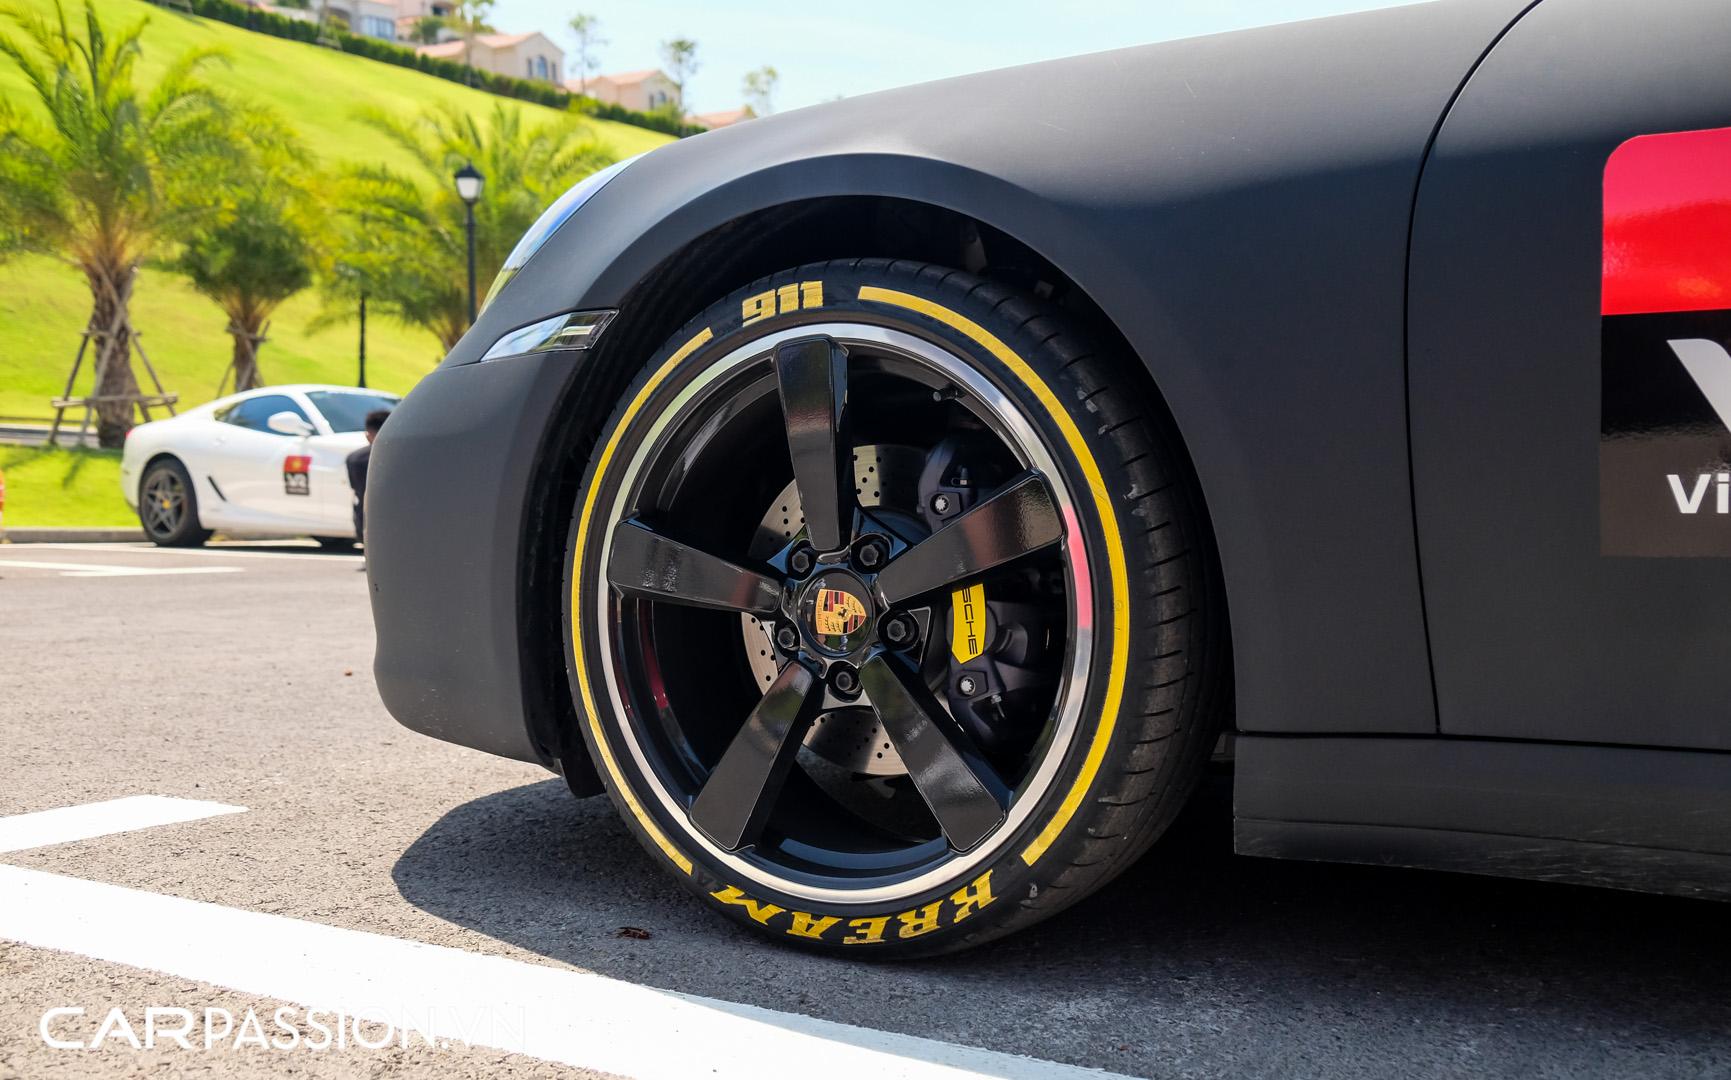 Porsche 911 của vợ chồng YouTuber (11).JPG